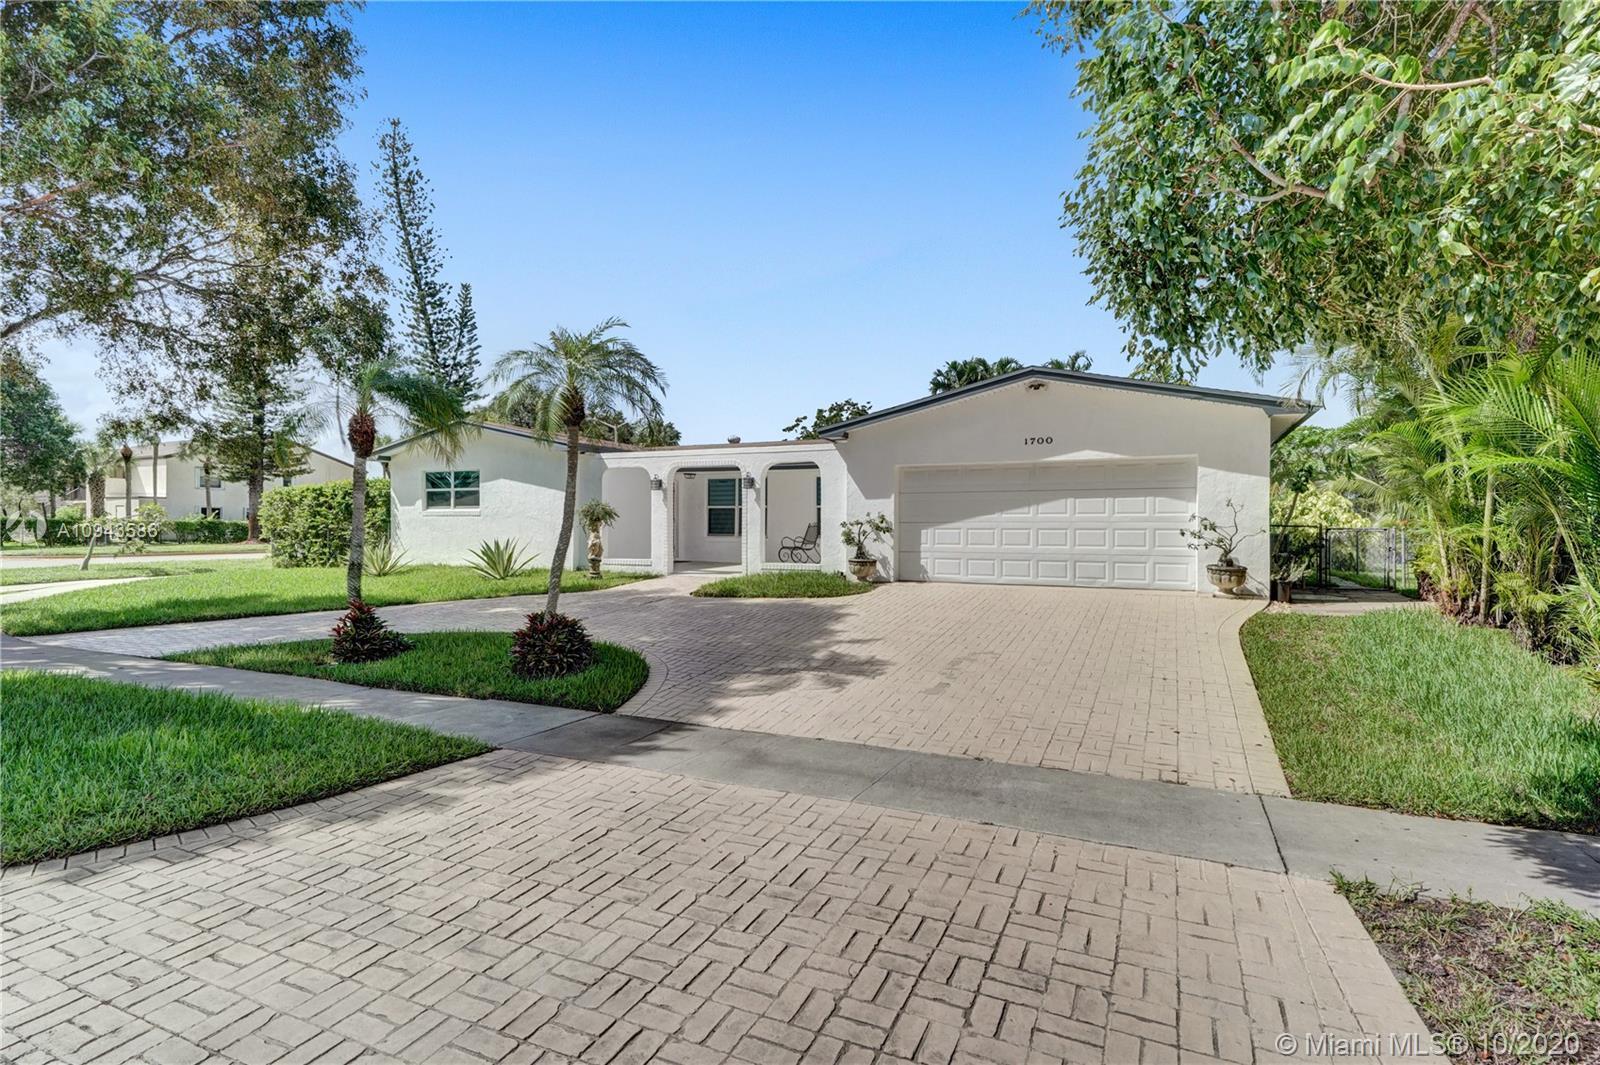 Pembroke Lakes - 1700 NW 113th Ave, Pembroke Pines, FL 33026